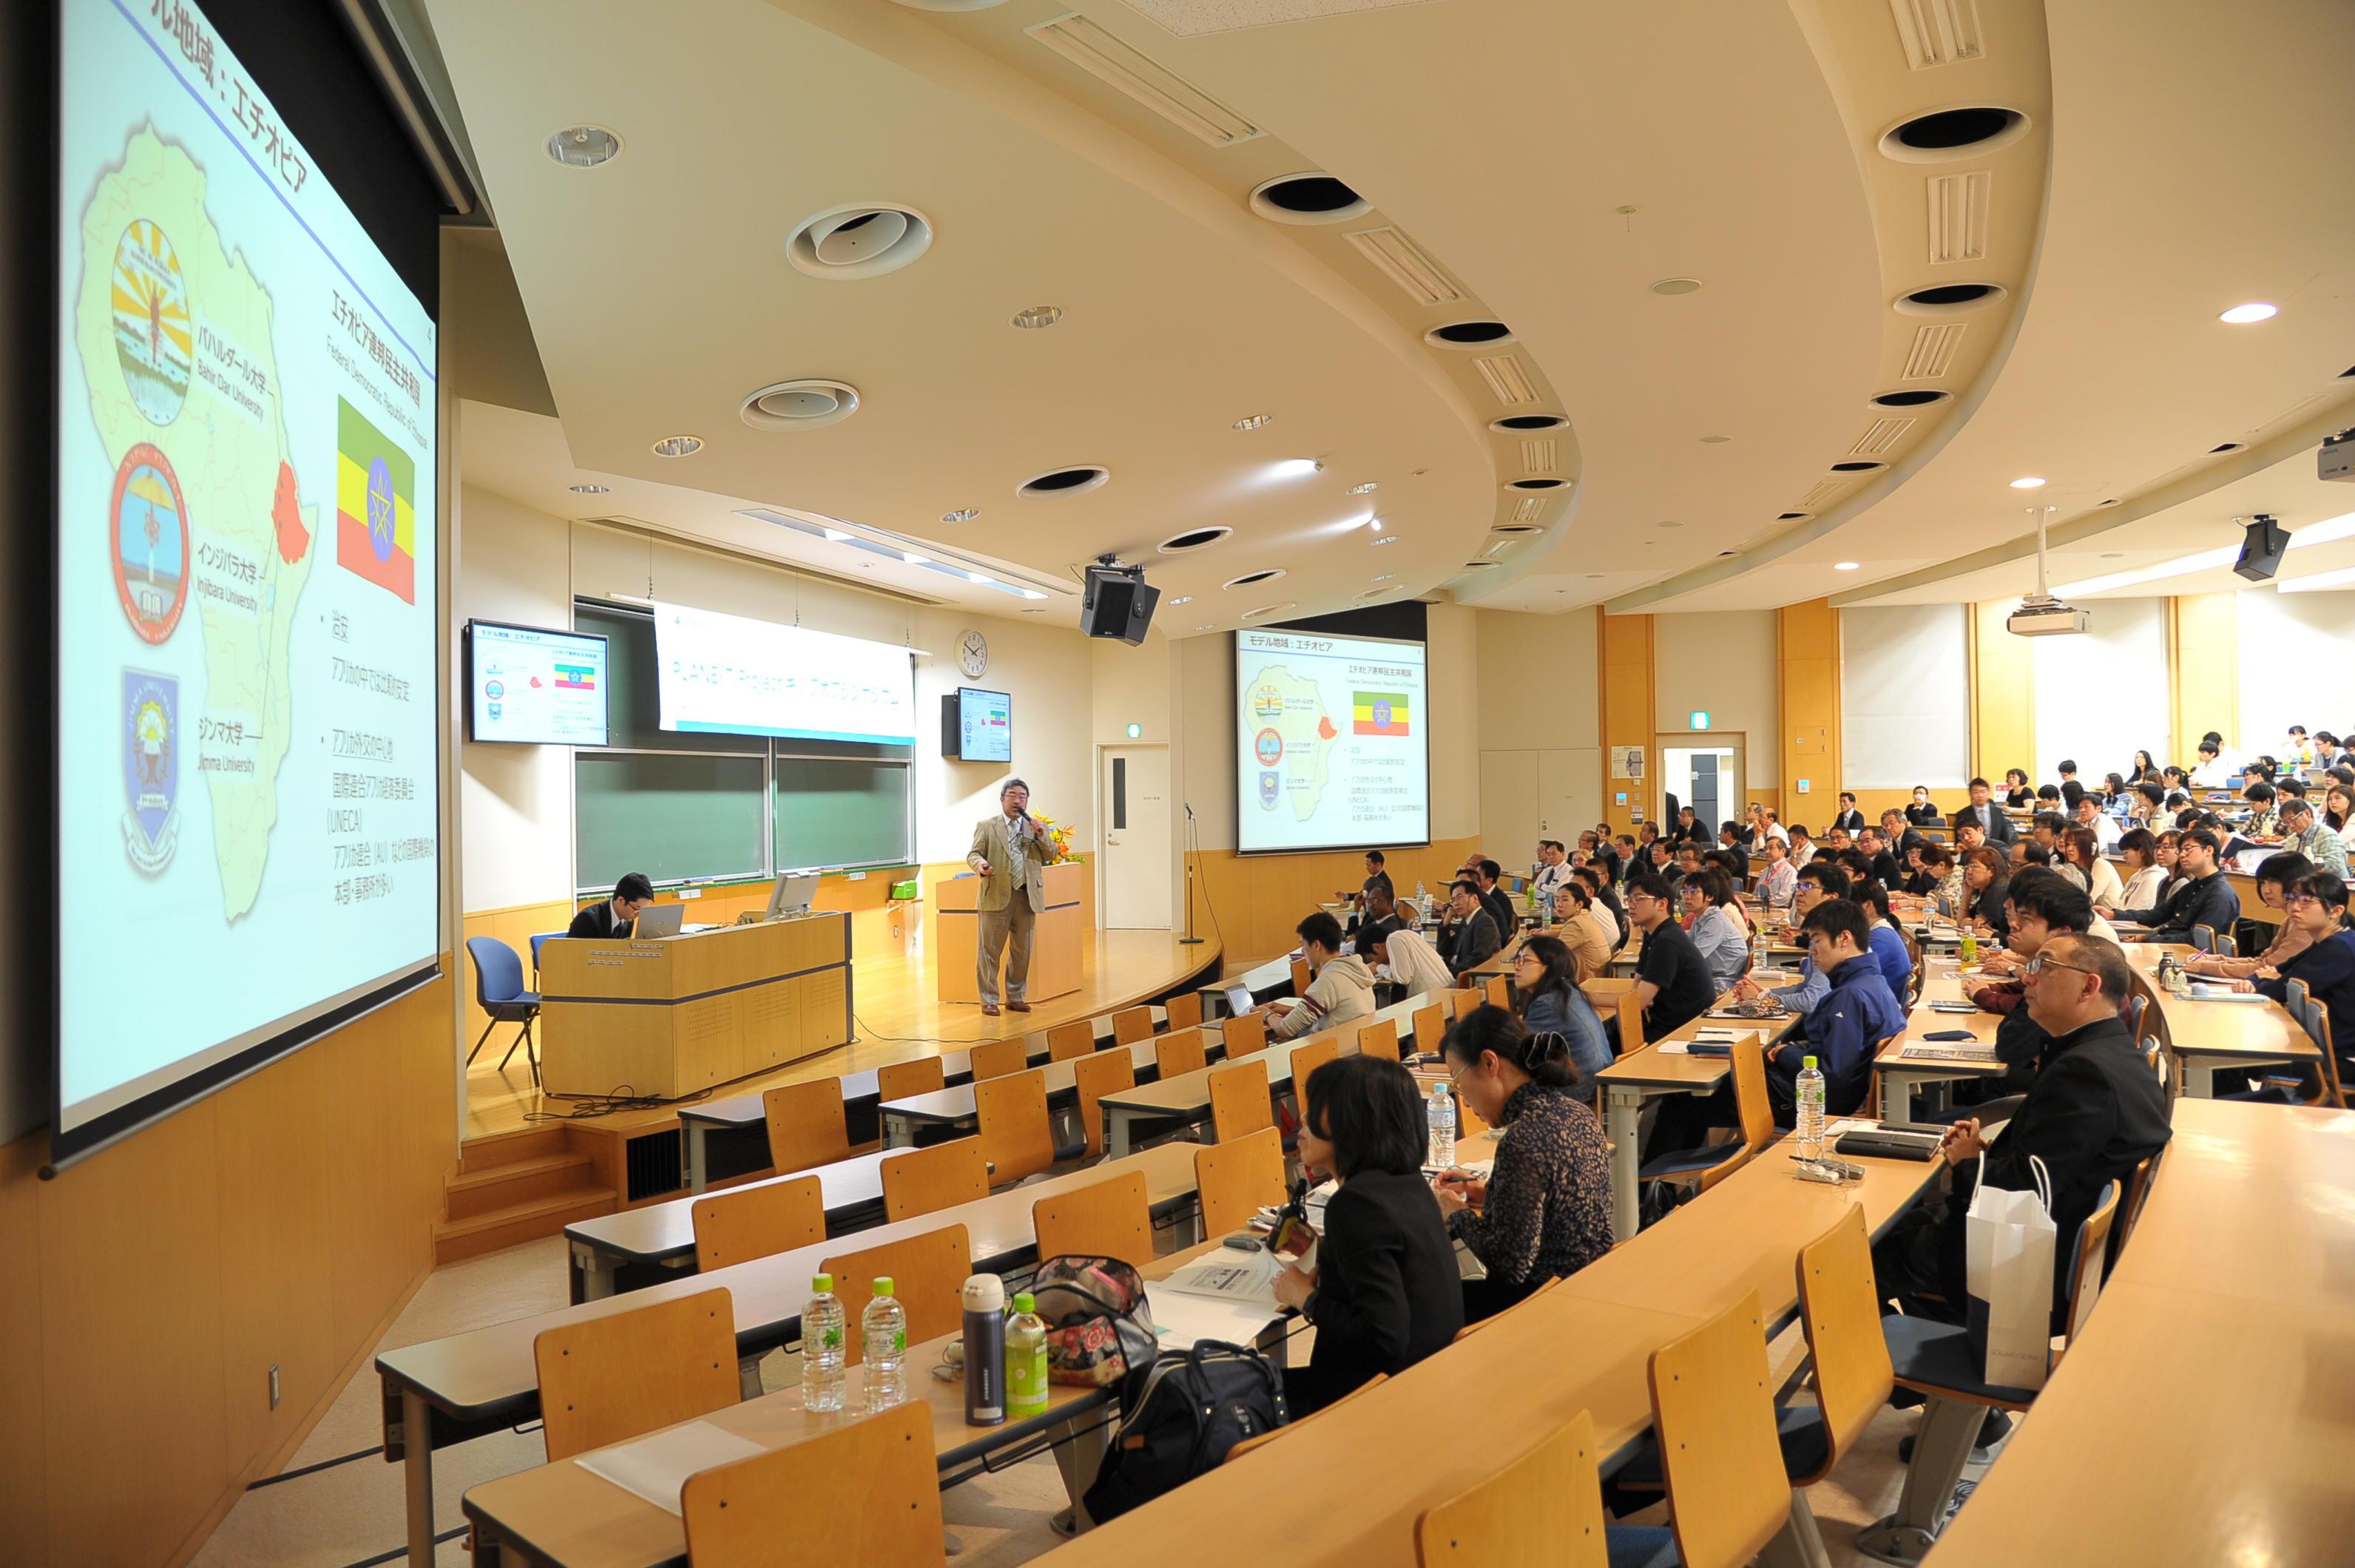 創価大学が文部科学省「私立大学研究ブランディング事業」のキックオフシンポジウム「途上国における循環型社会の形成」を開催しました